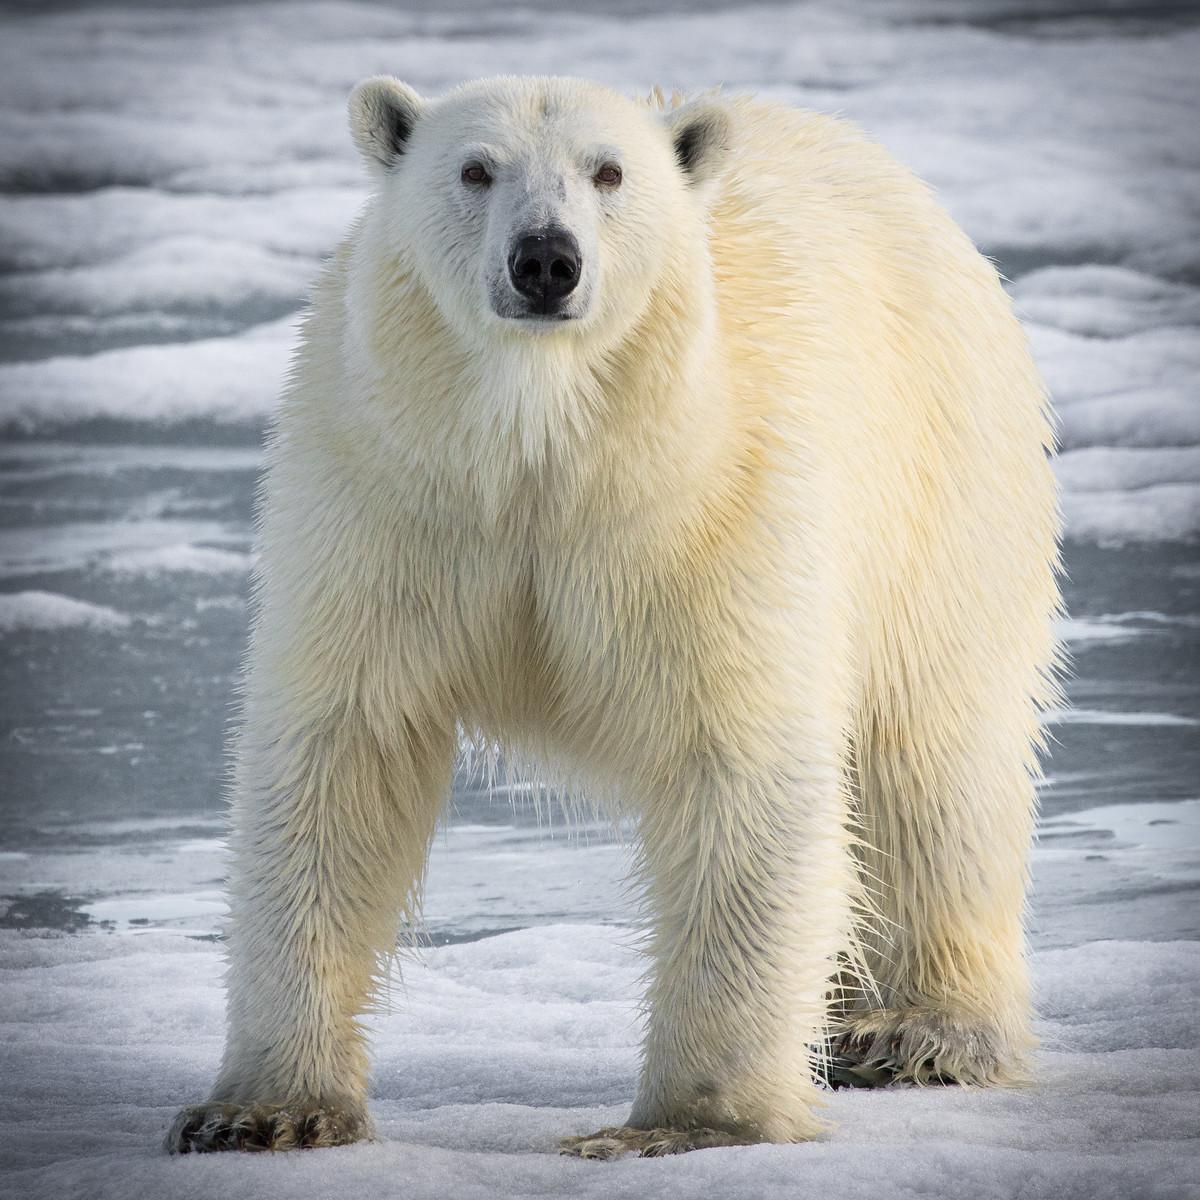 muench-workshops-svalbard-polar-bear.jpg